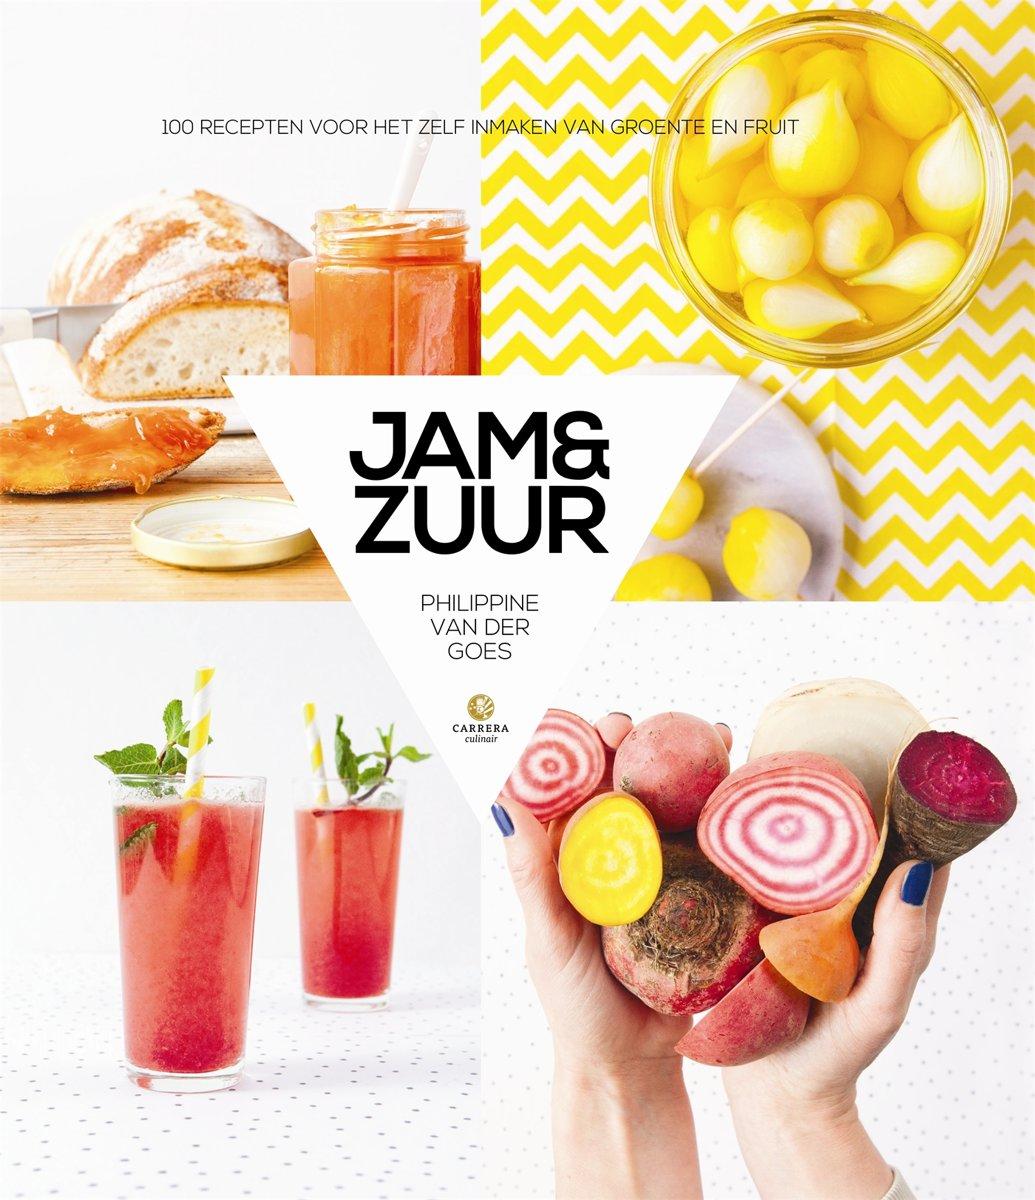 Jam en zuur